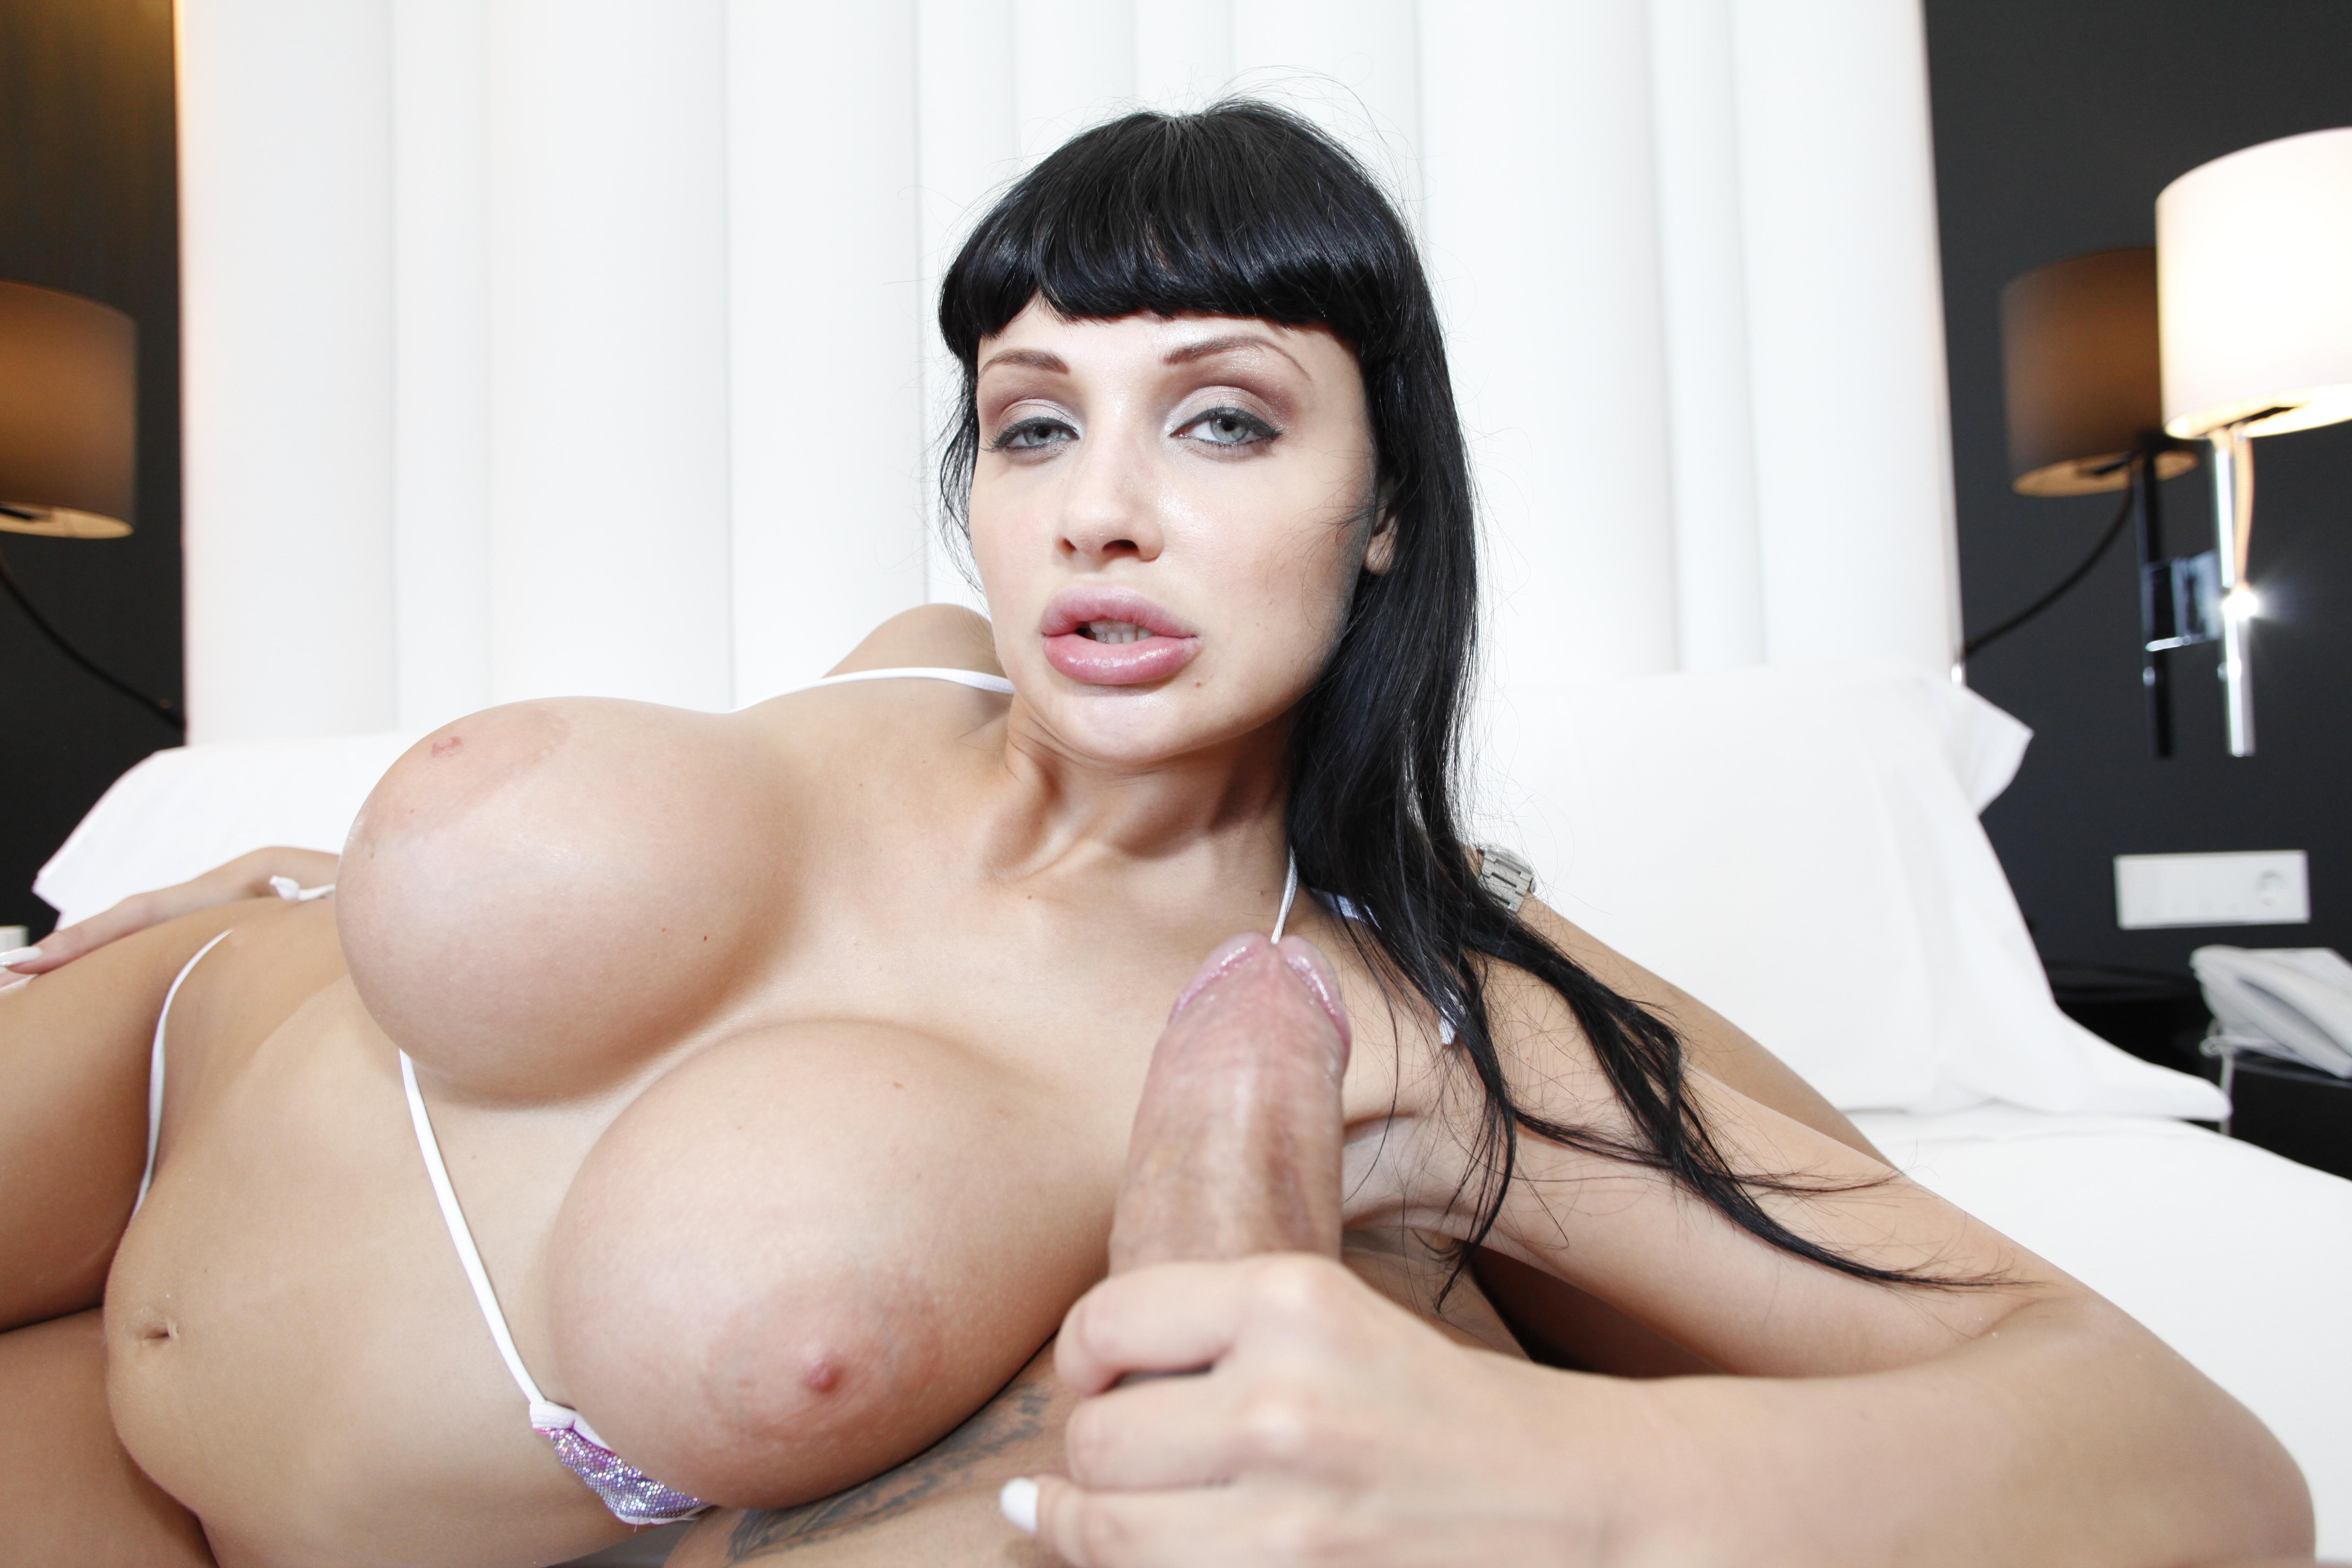 Смотреть онлайн порно с алеттой океан 18 фотография